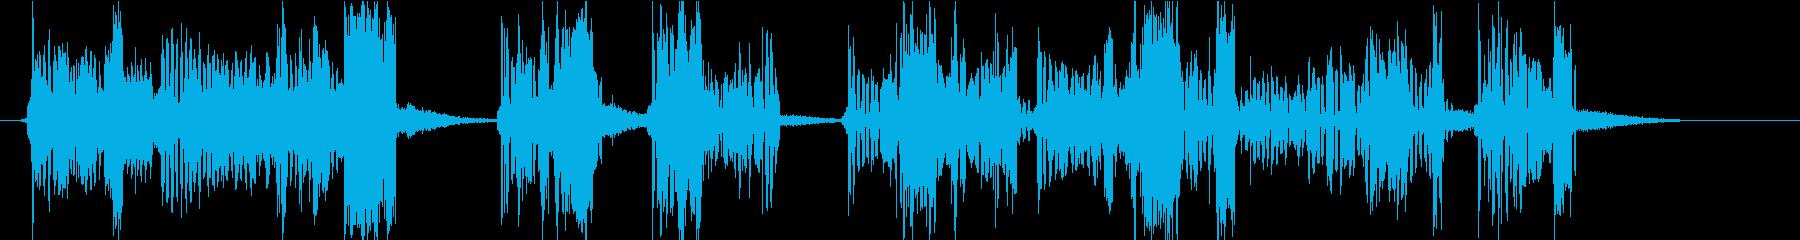 効果音|ロボット対戦[ロング]の再生済みの波形